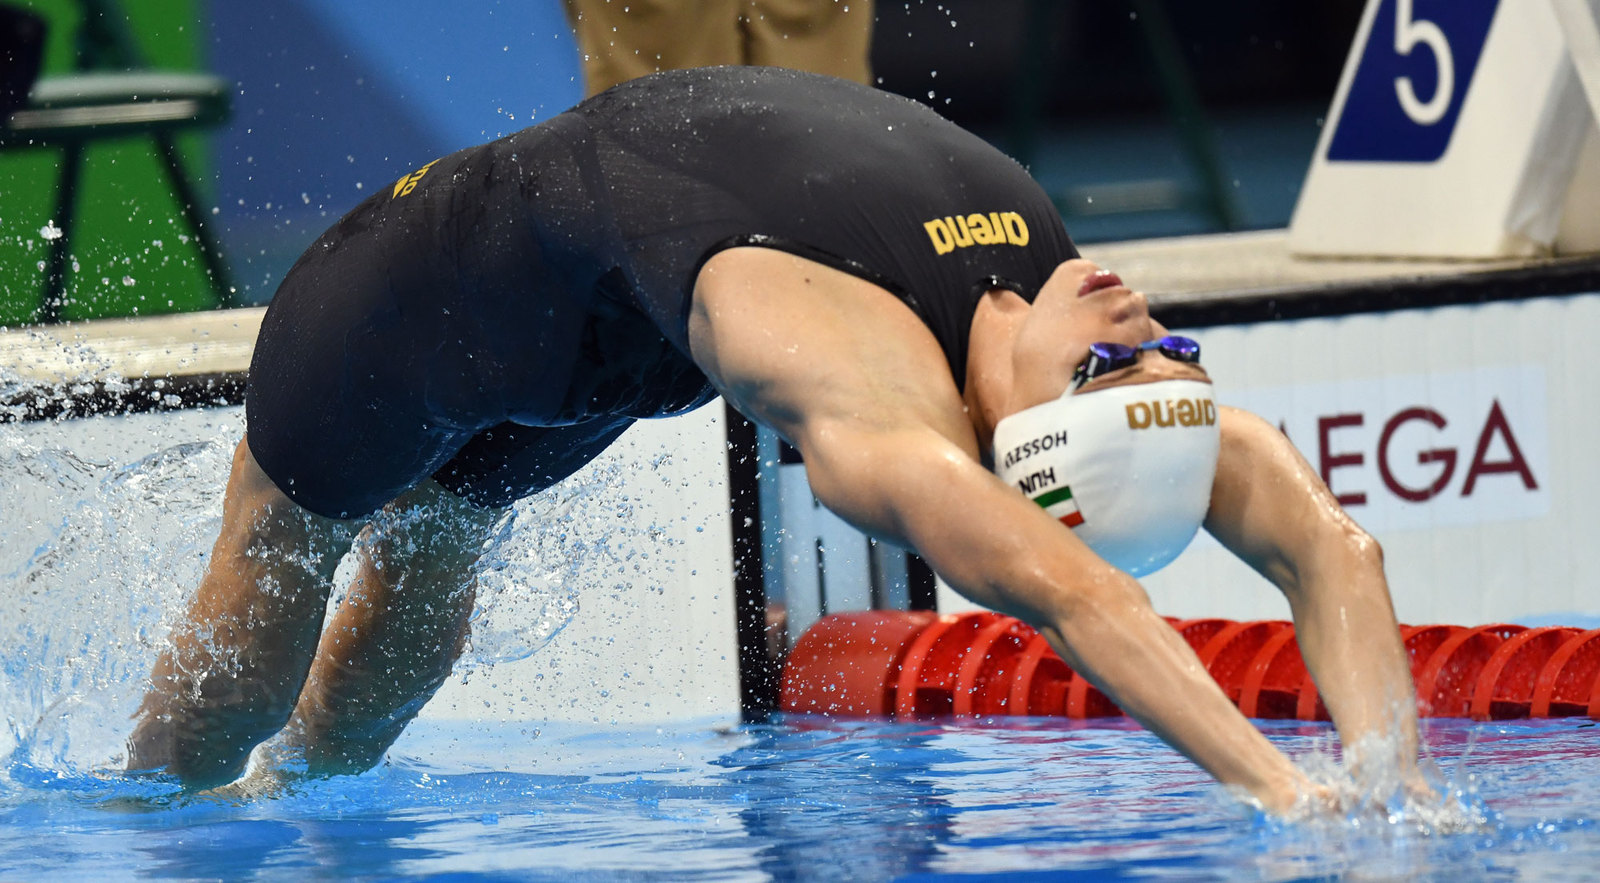 Катинка Хоссу безоговорочно выиграла уже три золотых медали, но не планирует останавливаться на достигнутом